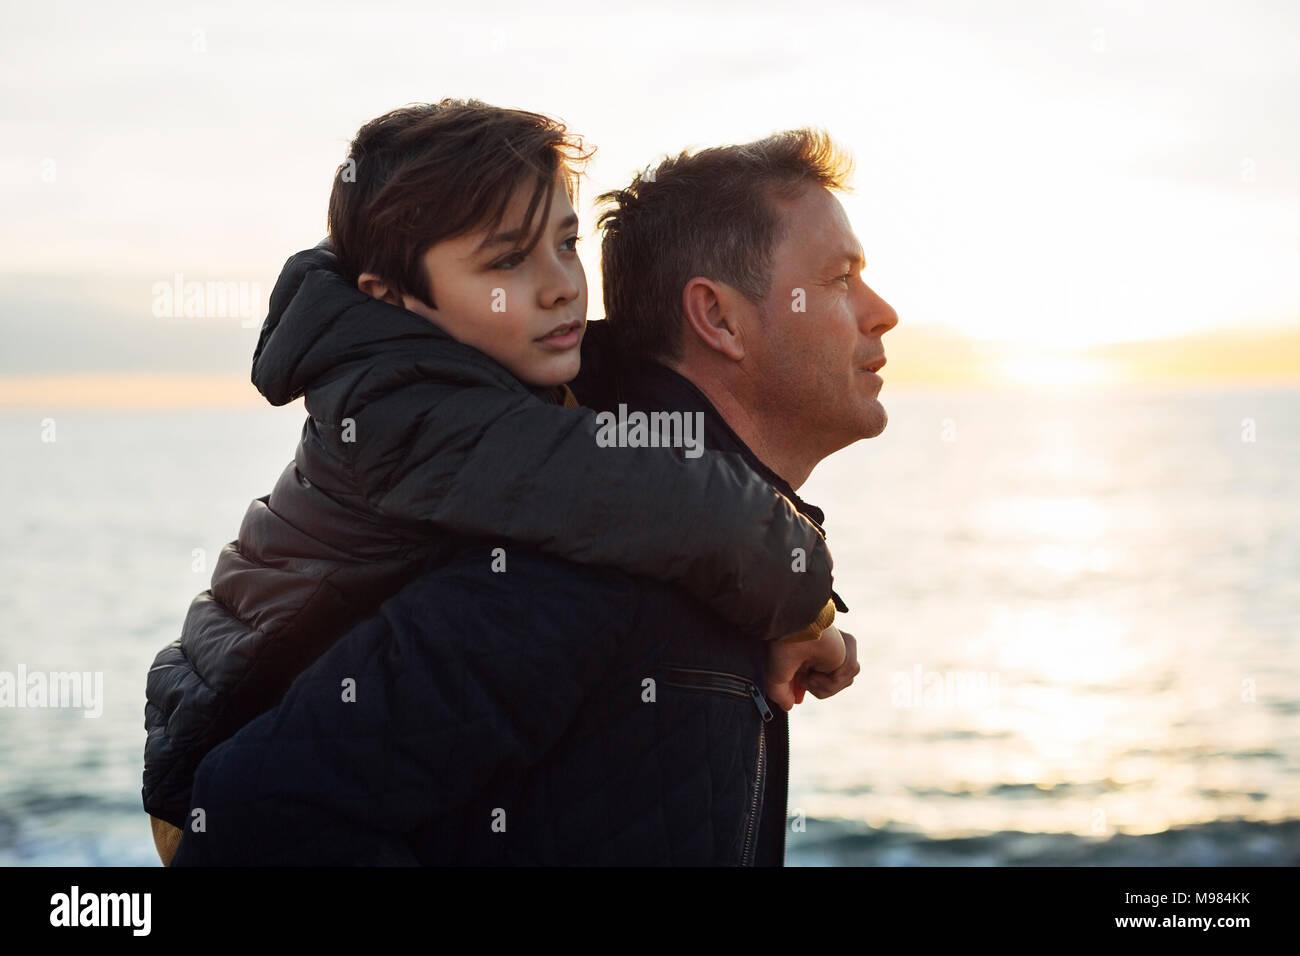 Hijo de padre llevar a cuestas por el mar Imagen De Stock